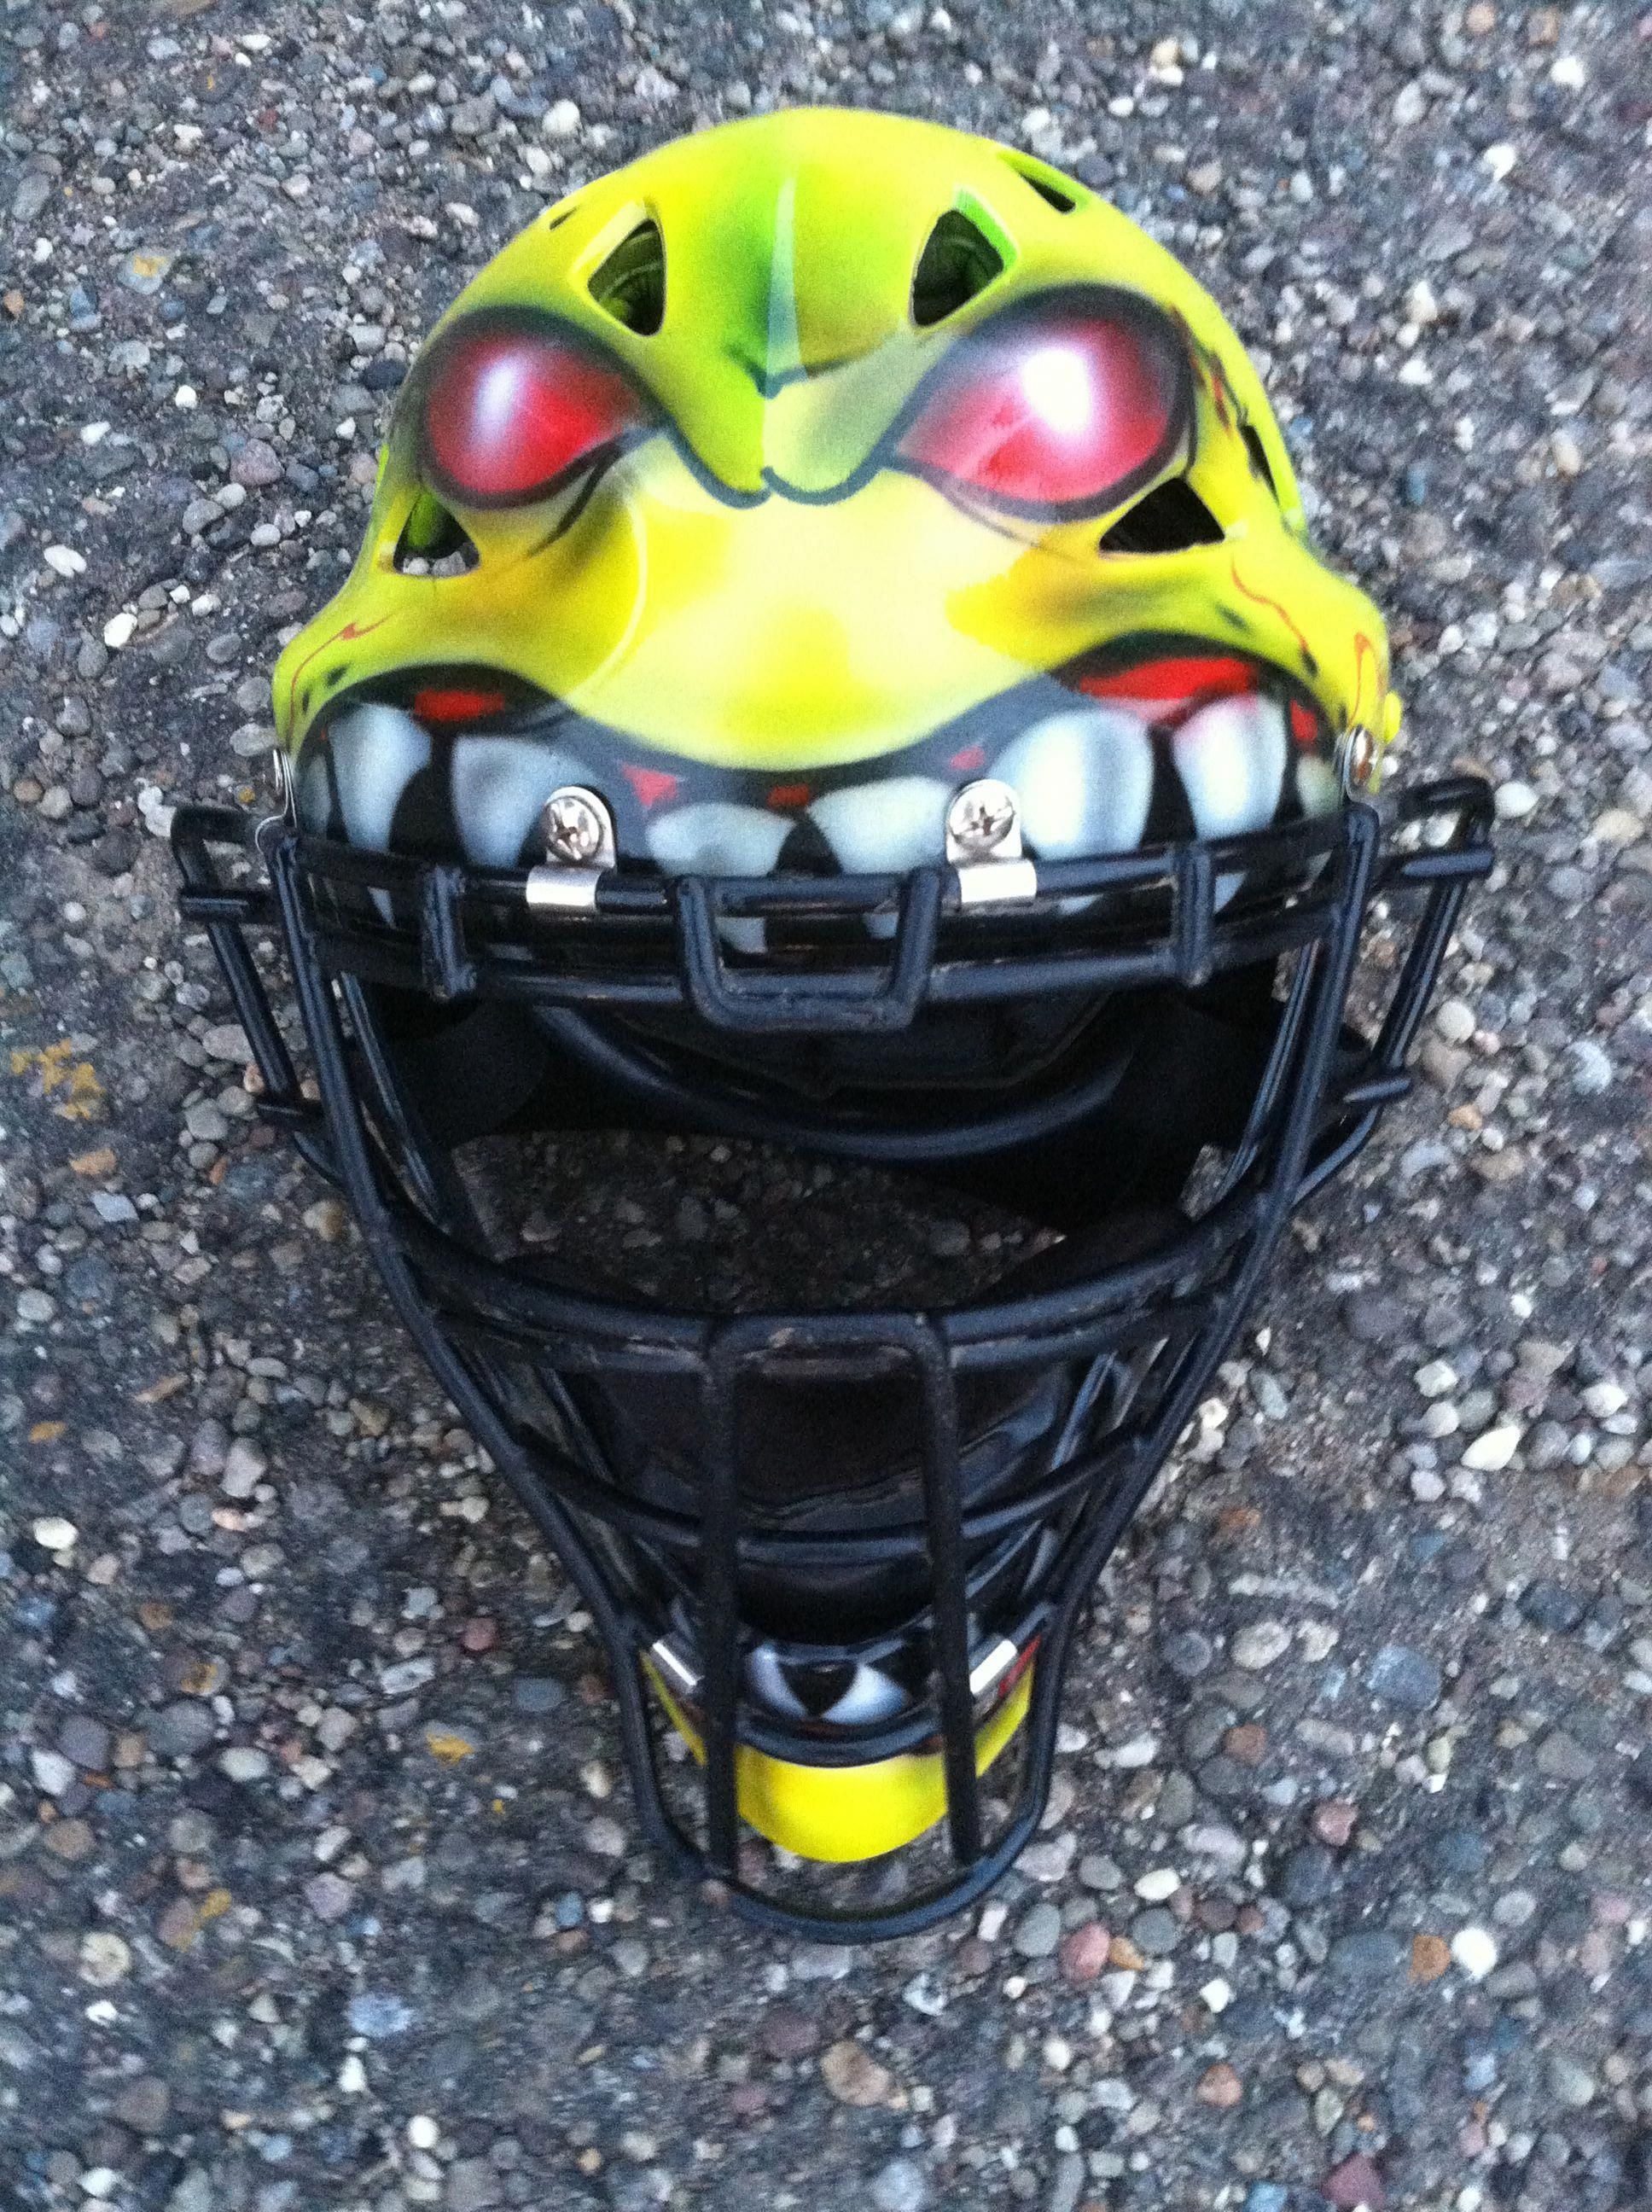 Code 9716248990 youthbaseballgloves softball helmet